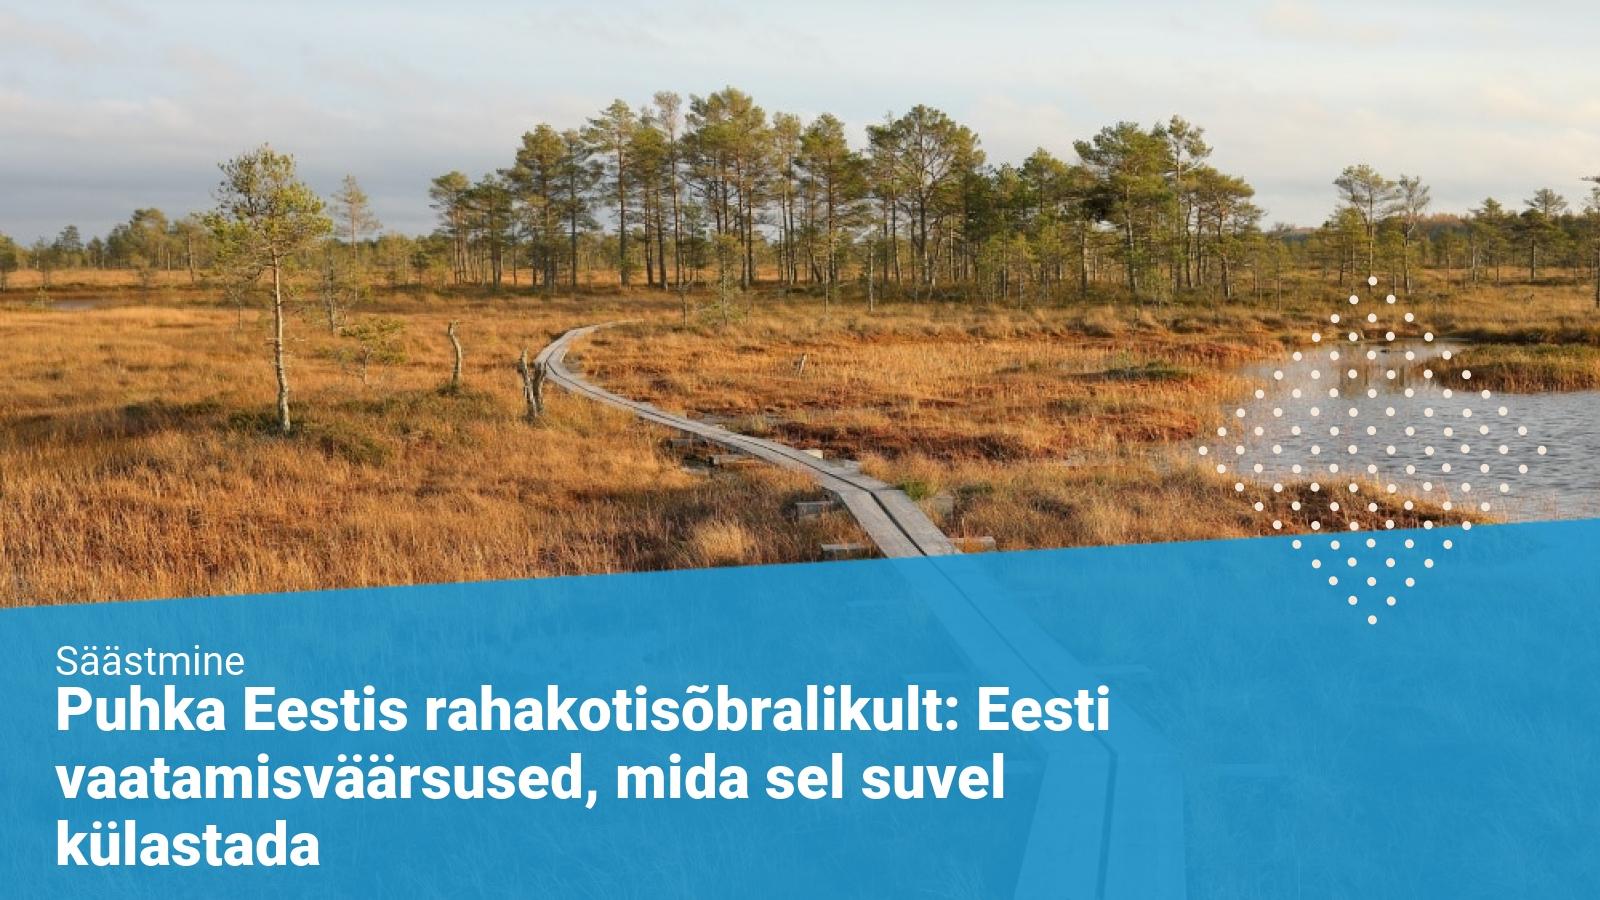 Eesti vaatamisväärsused